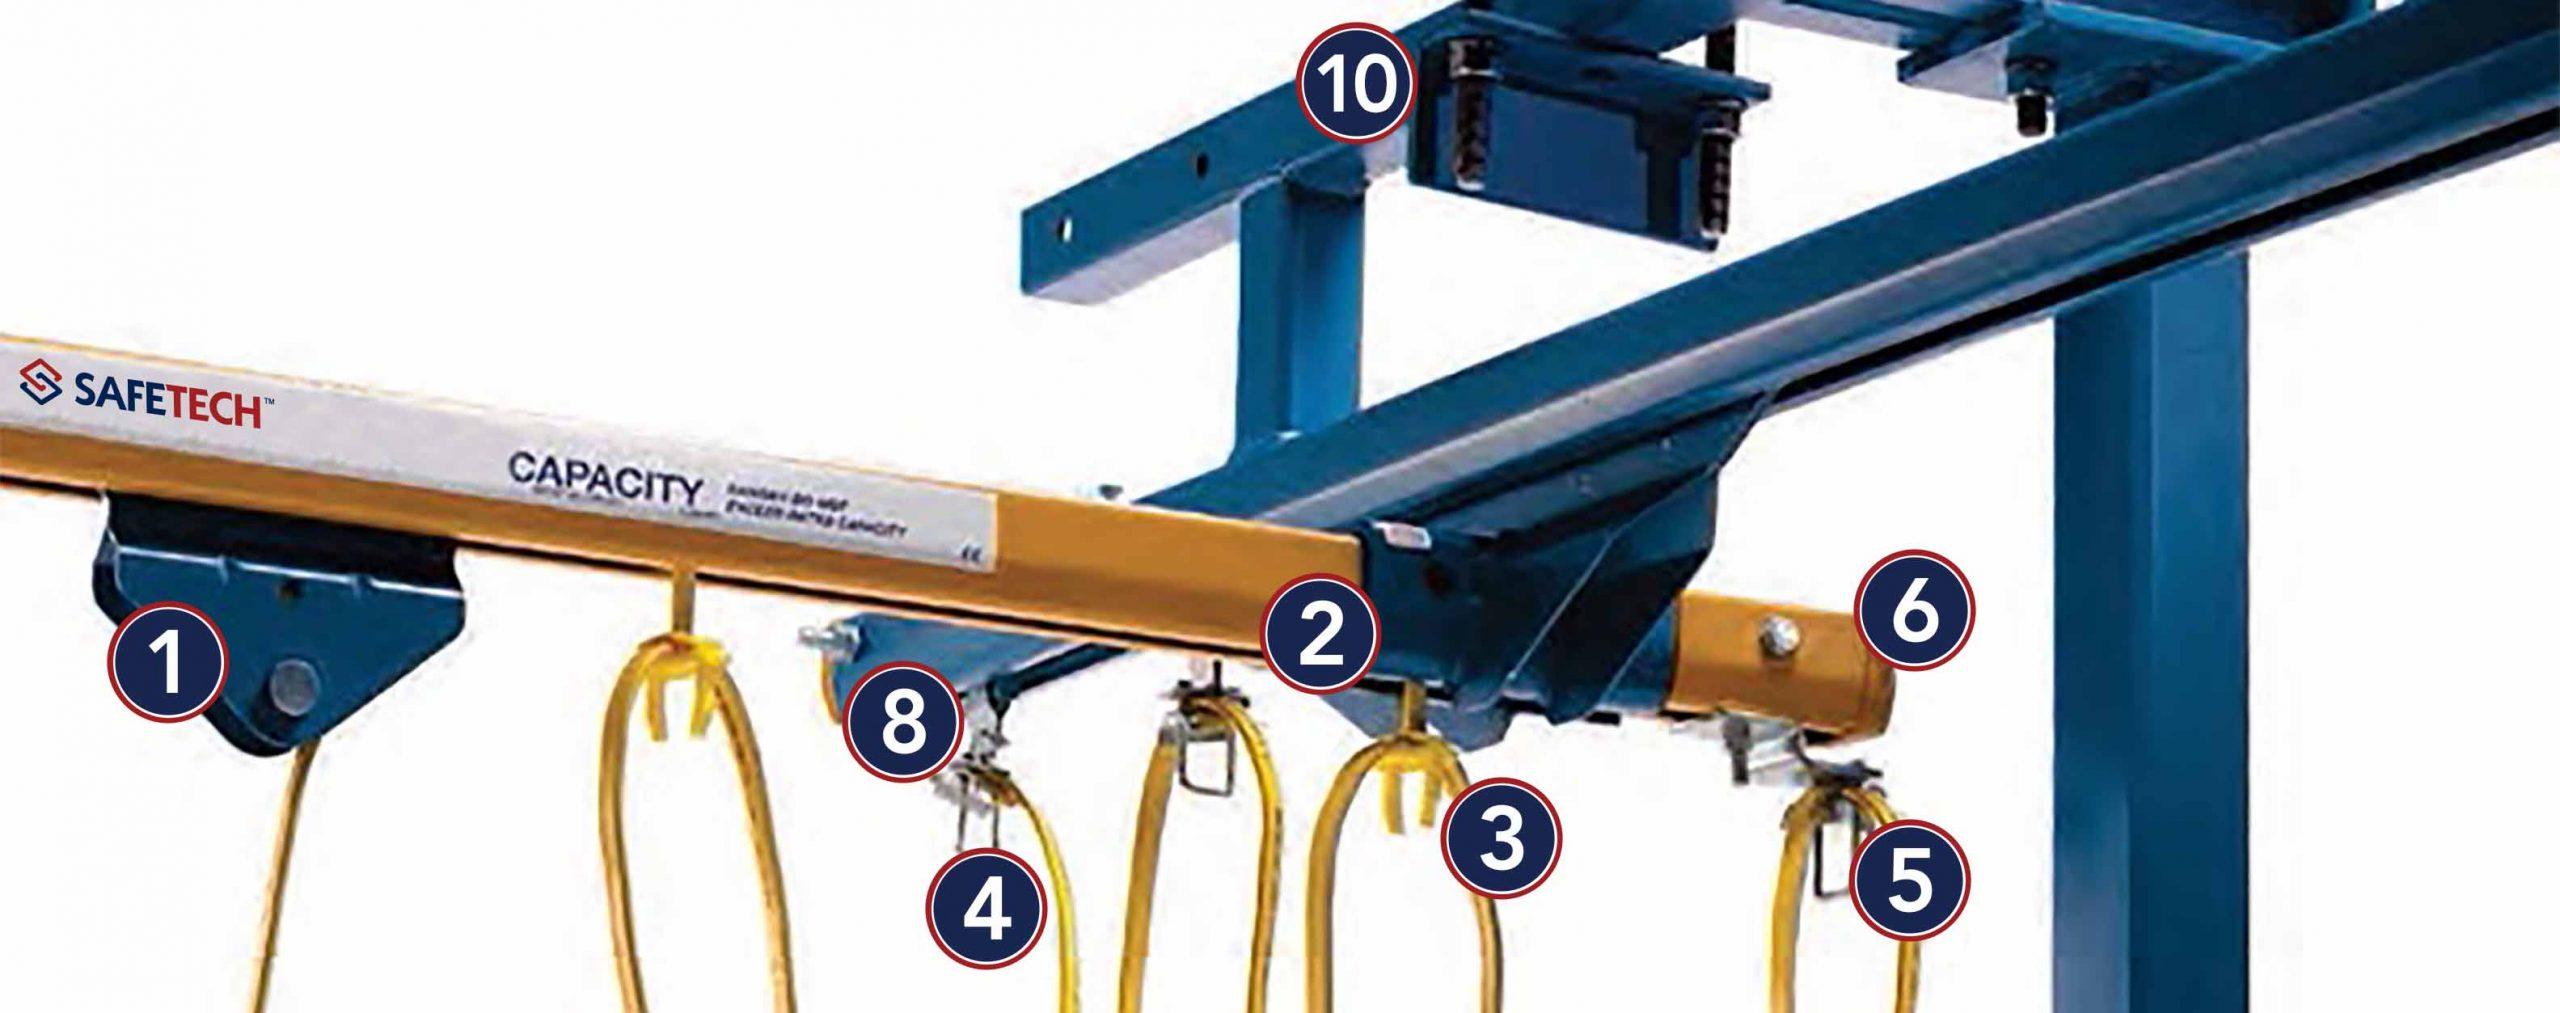 Bridge Cranes Anatomy